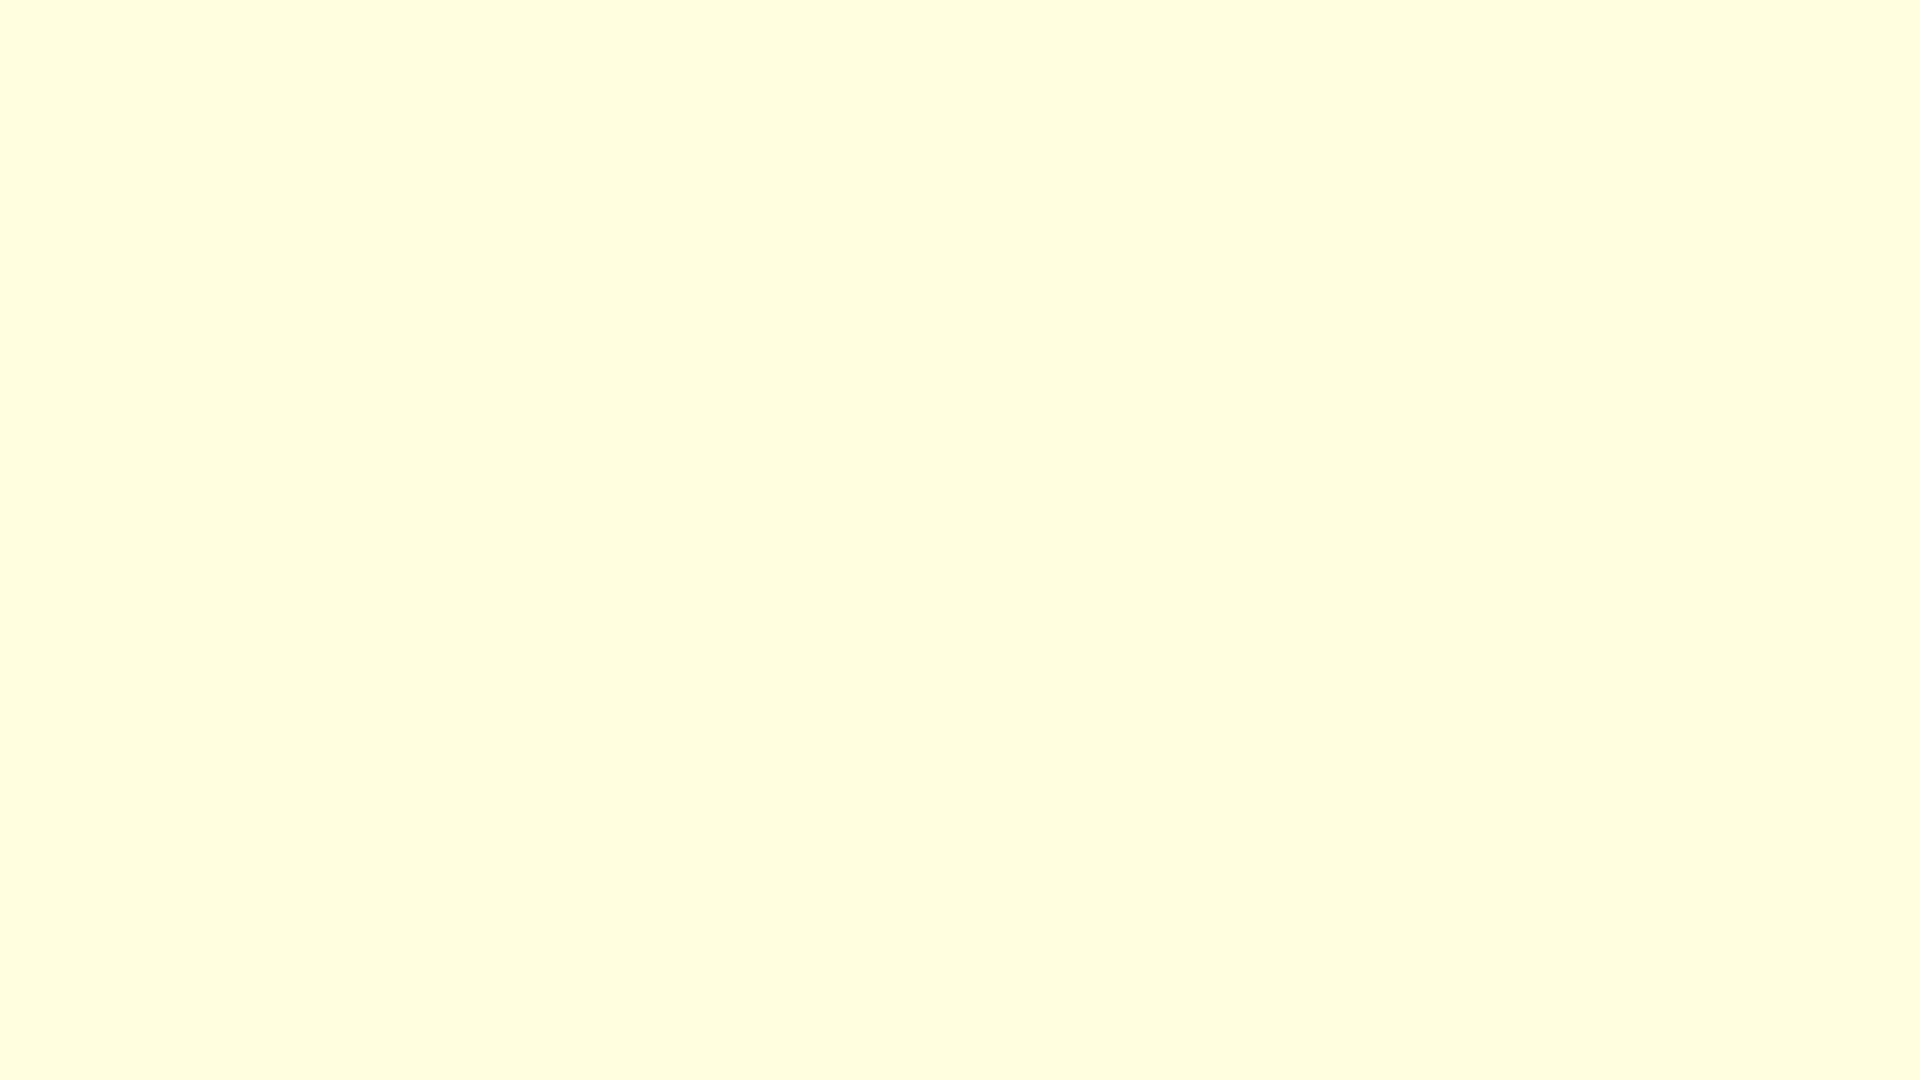 Light Yellow   wallpaper 1920x1080